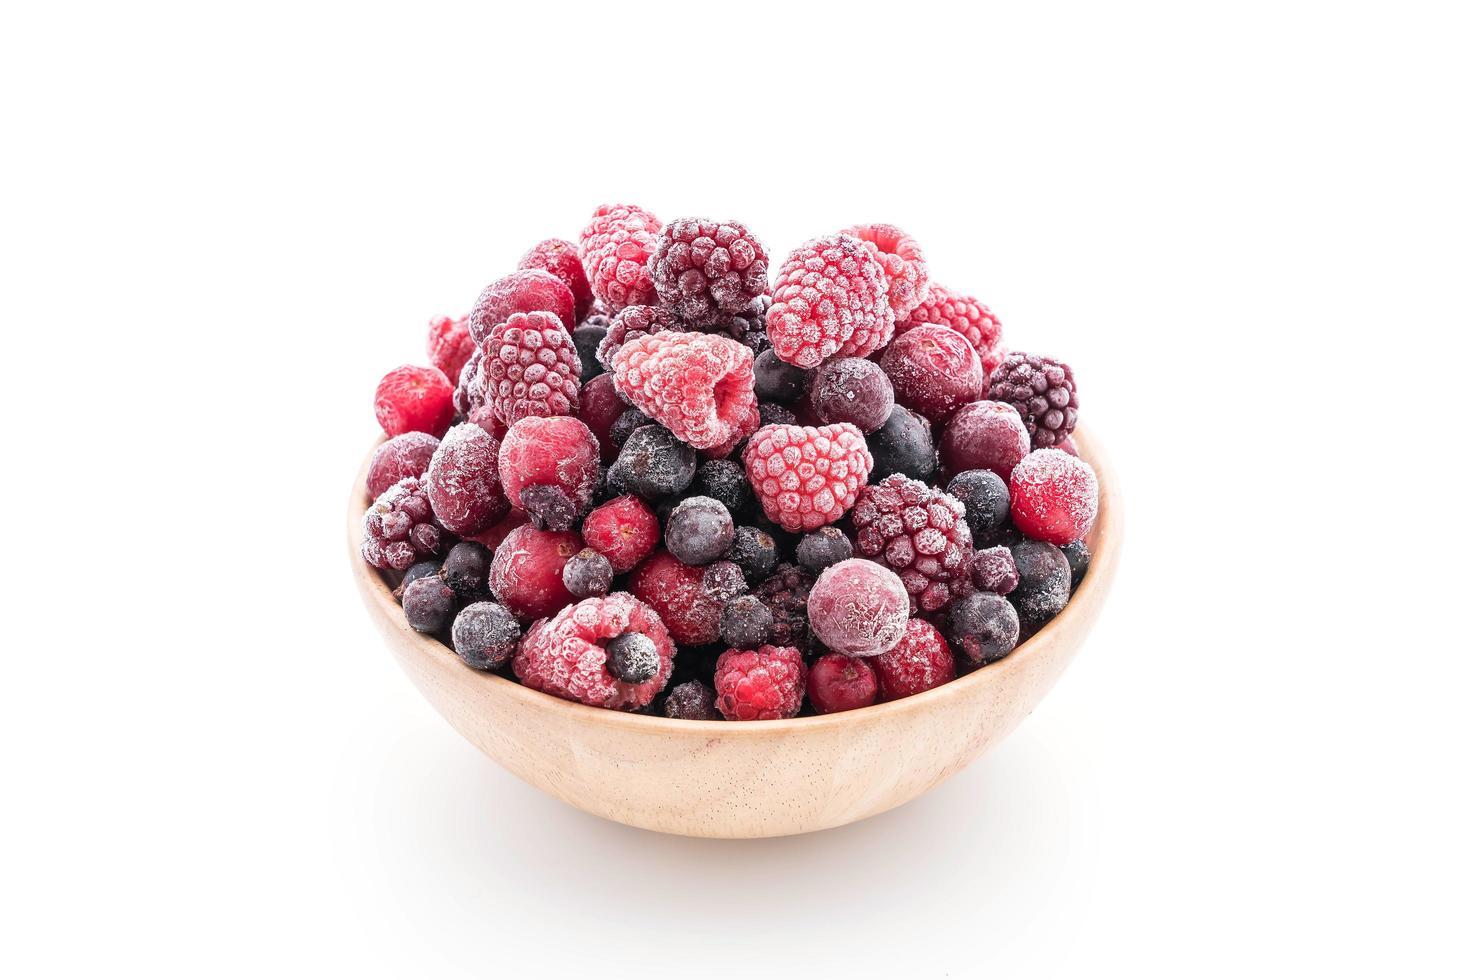 un bol de fruits rouges surgelés photo